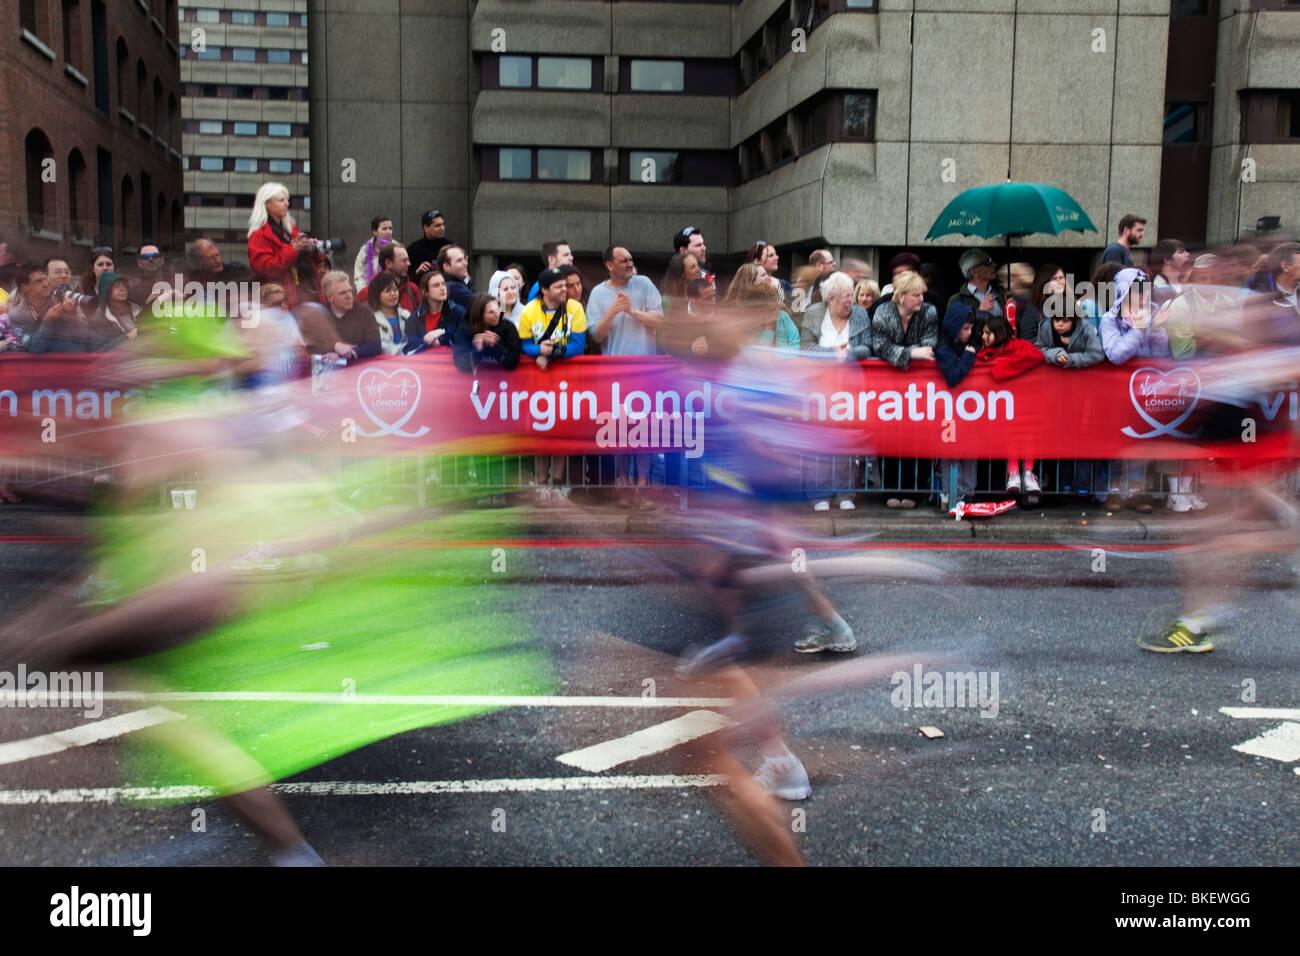 Porteur de la Vierge 2010 Marathon de Londres. Photo Stock